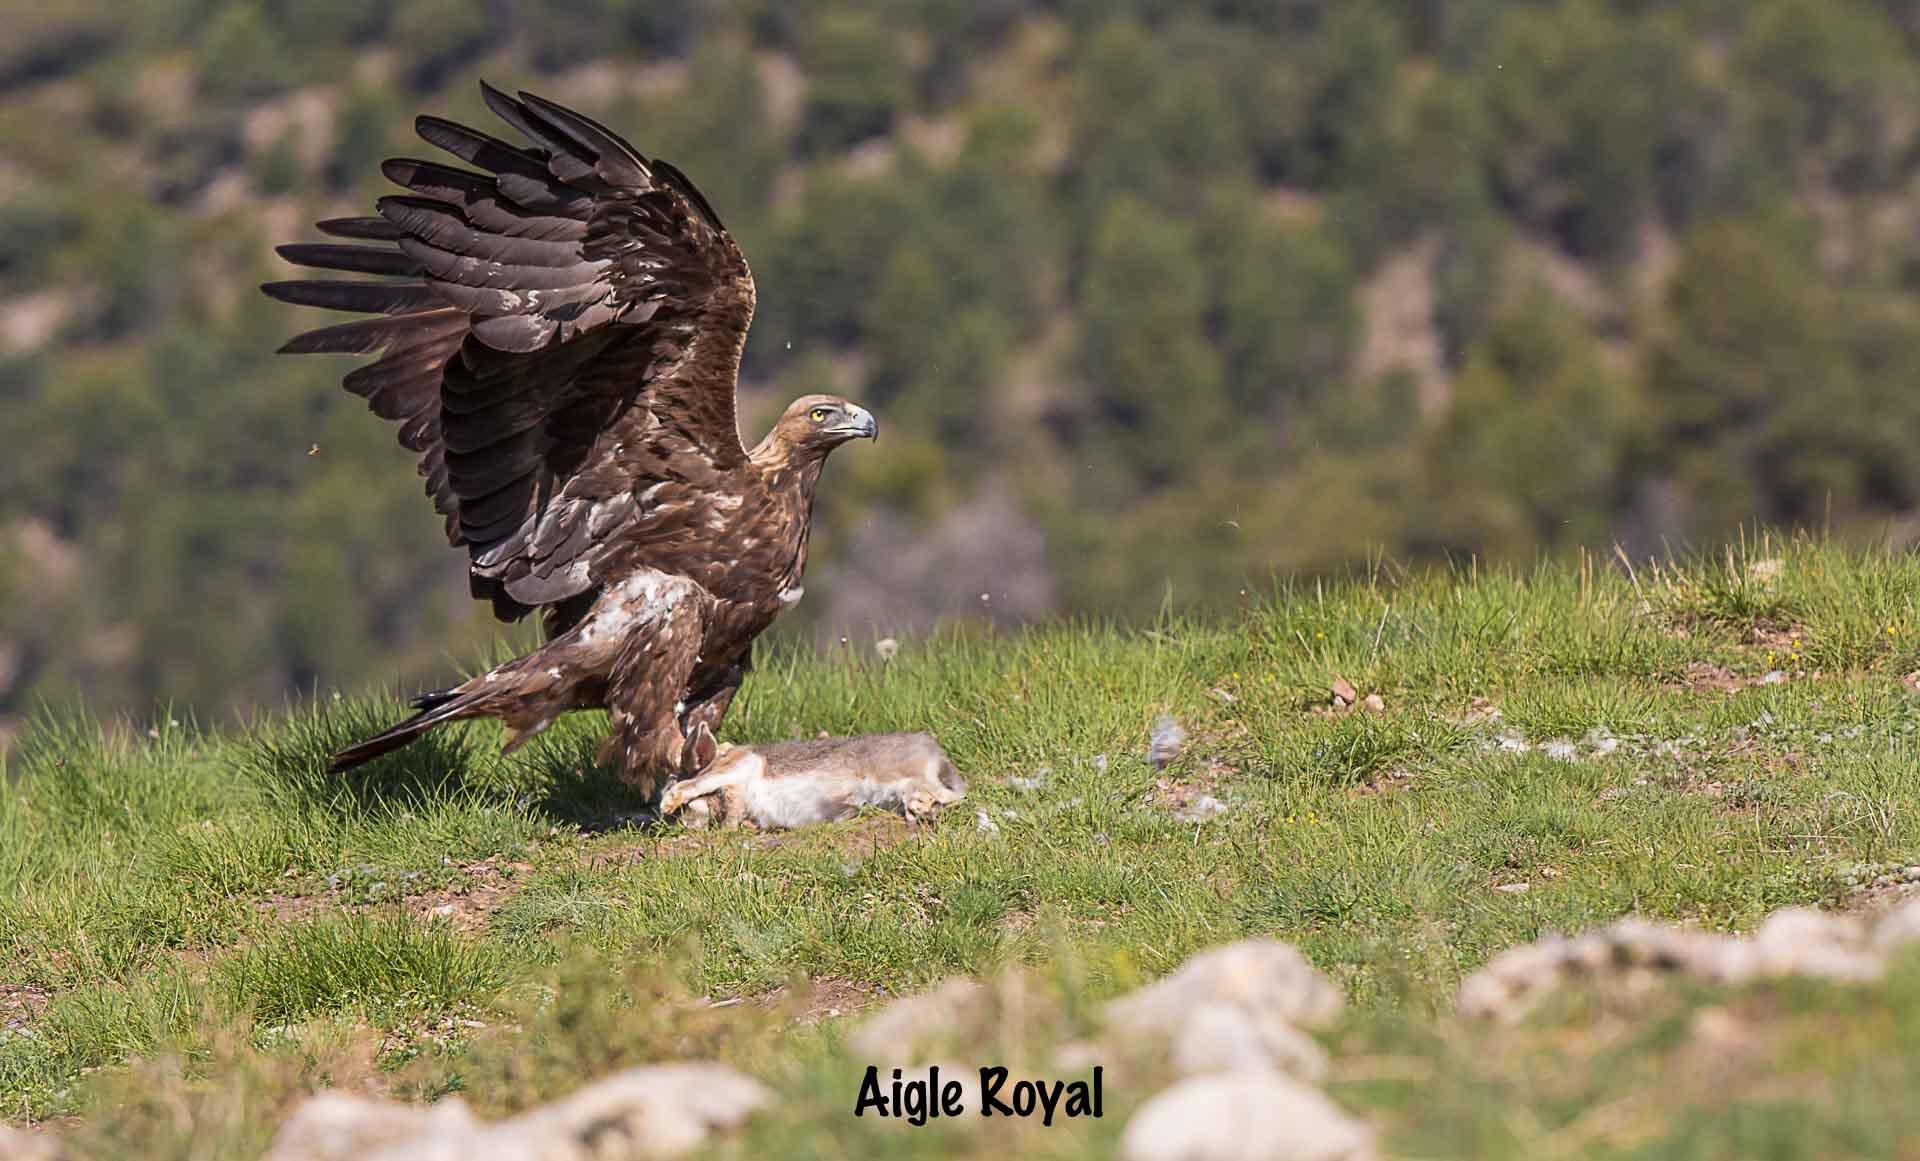 Aigle royal copie